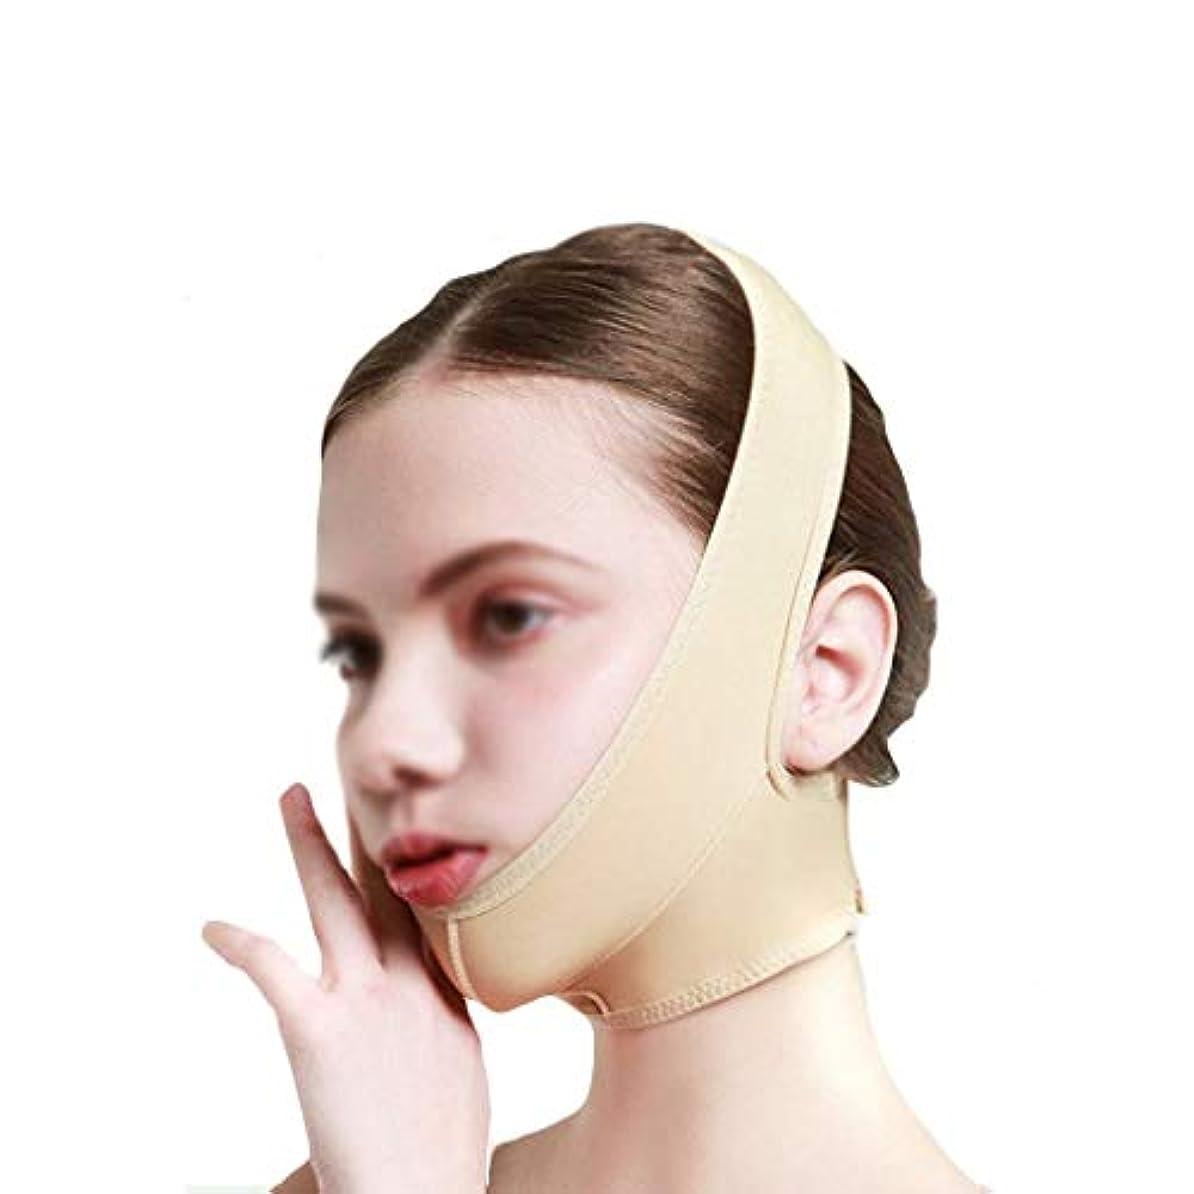 乱すメロディー誇りダブルチンリデューサー、フェイススリミングマスク、フェイスリフティング、ストレッチマスク、ダブルチン、浮腫緩和、ケアツール、通気性(サイズ:XL),M